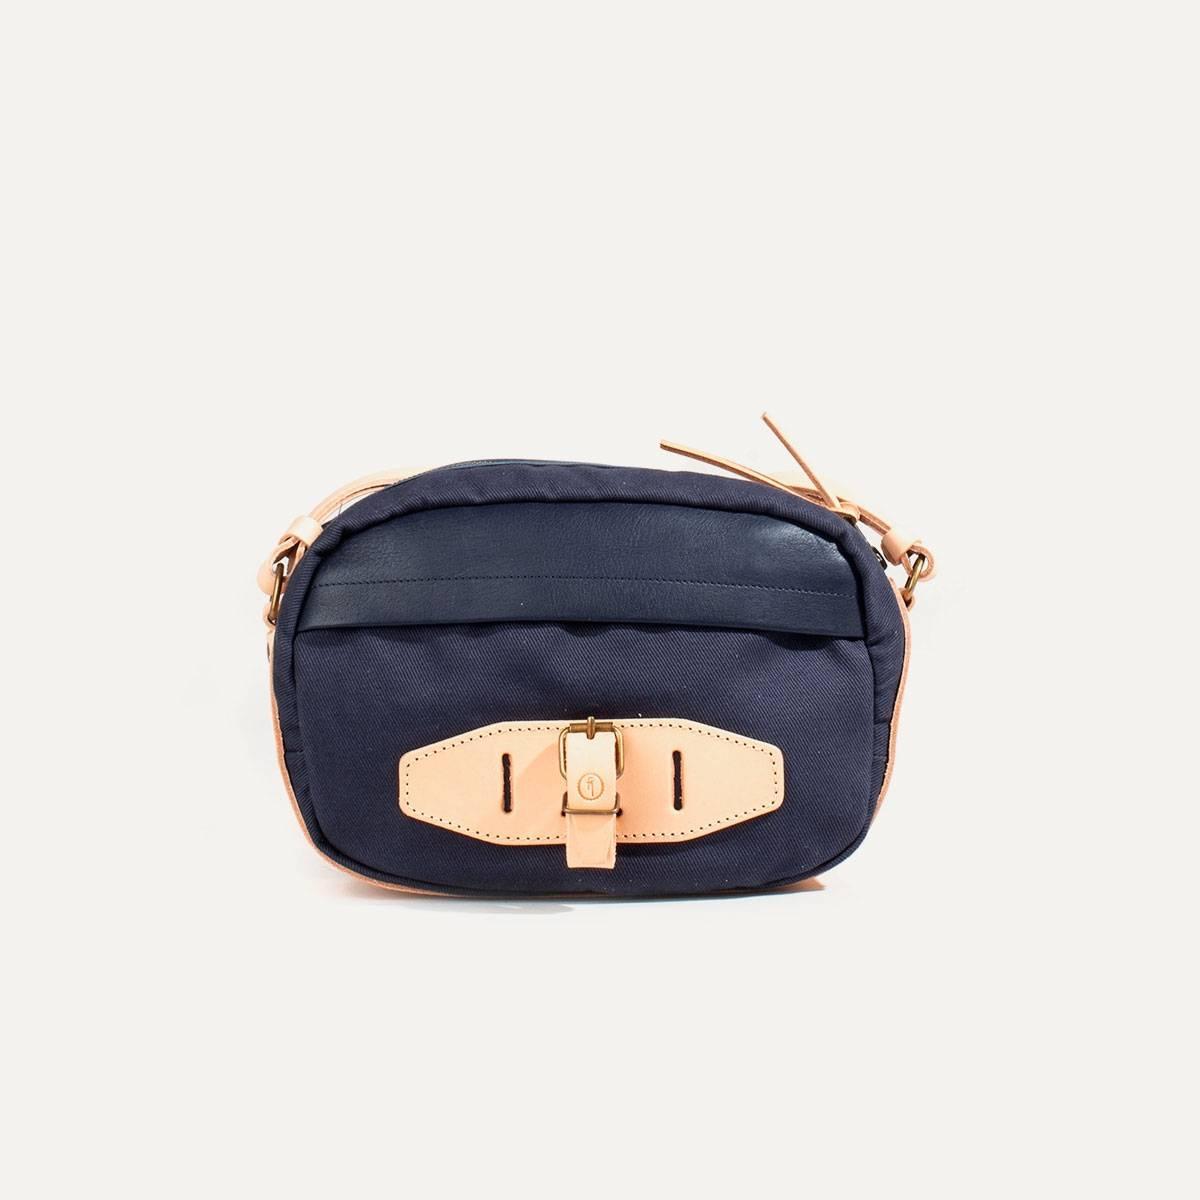 Honshu Belt bag - Navy blue/Natural (image n°1)